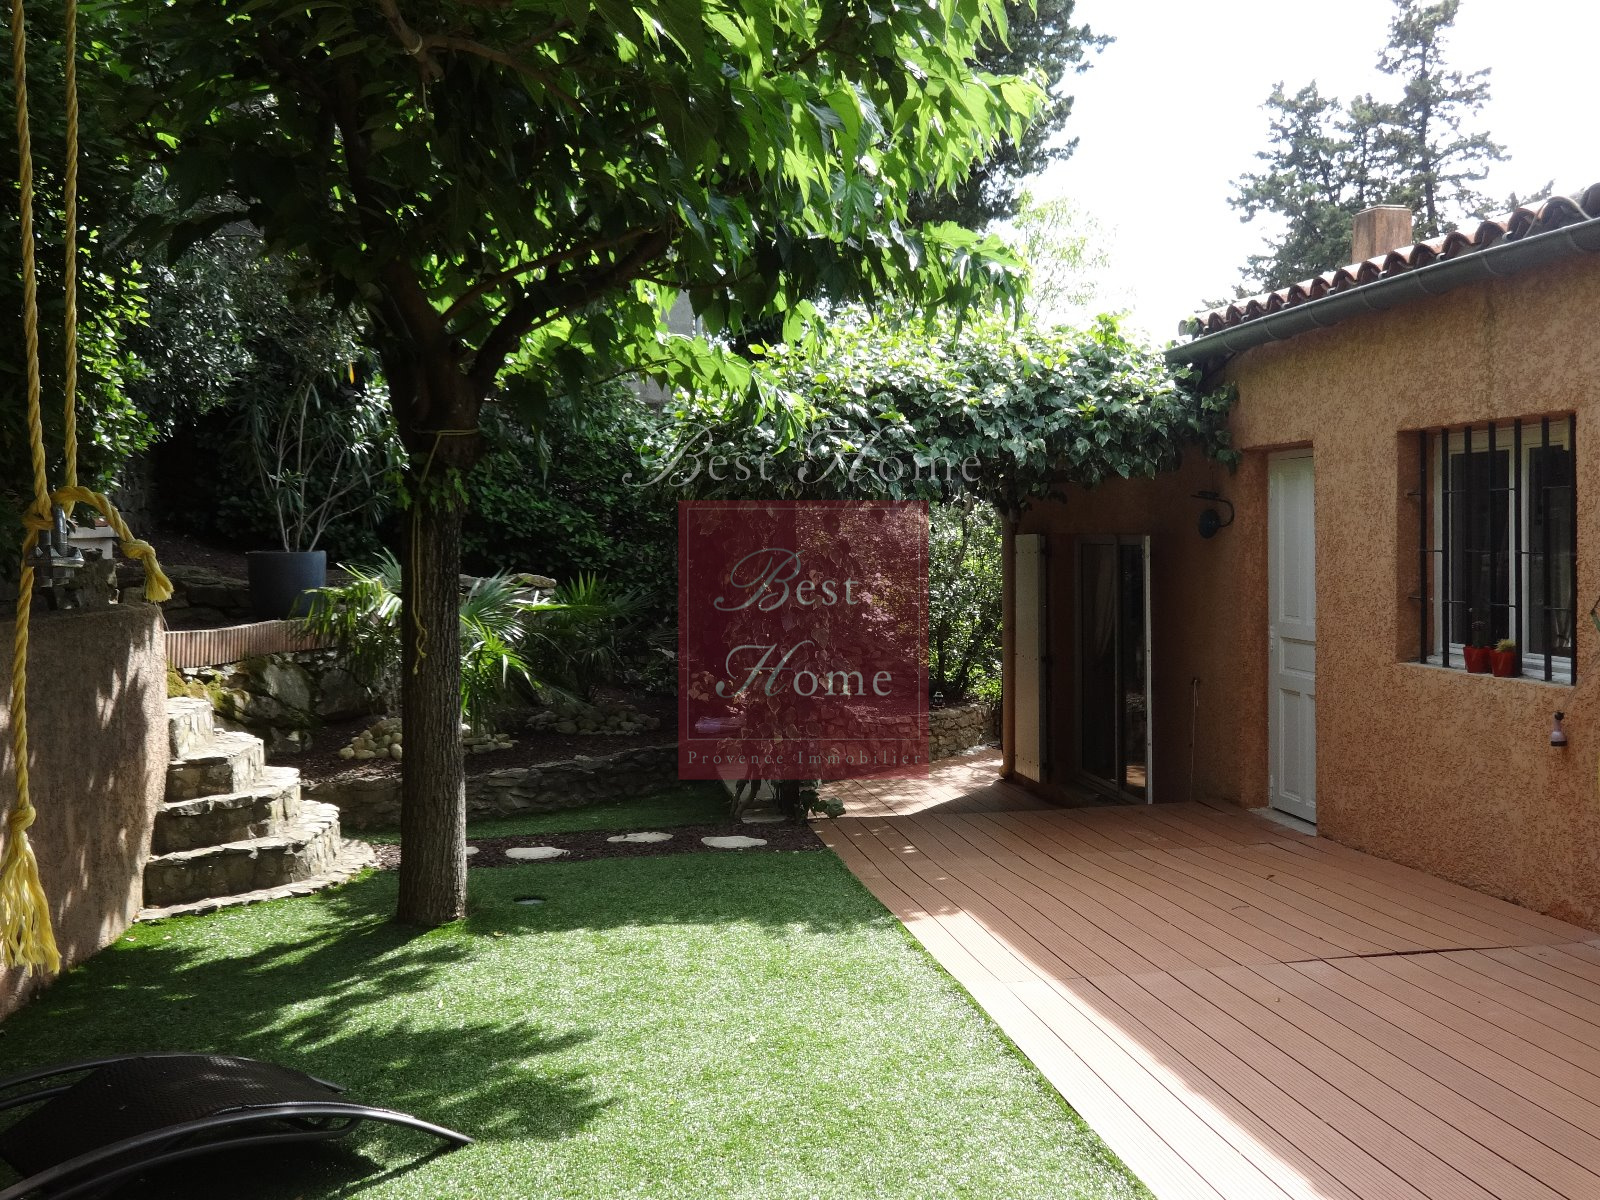 Vente nouveaut vente agr able maison quartier sophoras nimes avec son jardin intime plein - Maison jardin menu nimes ...